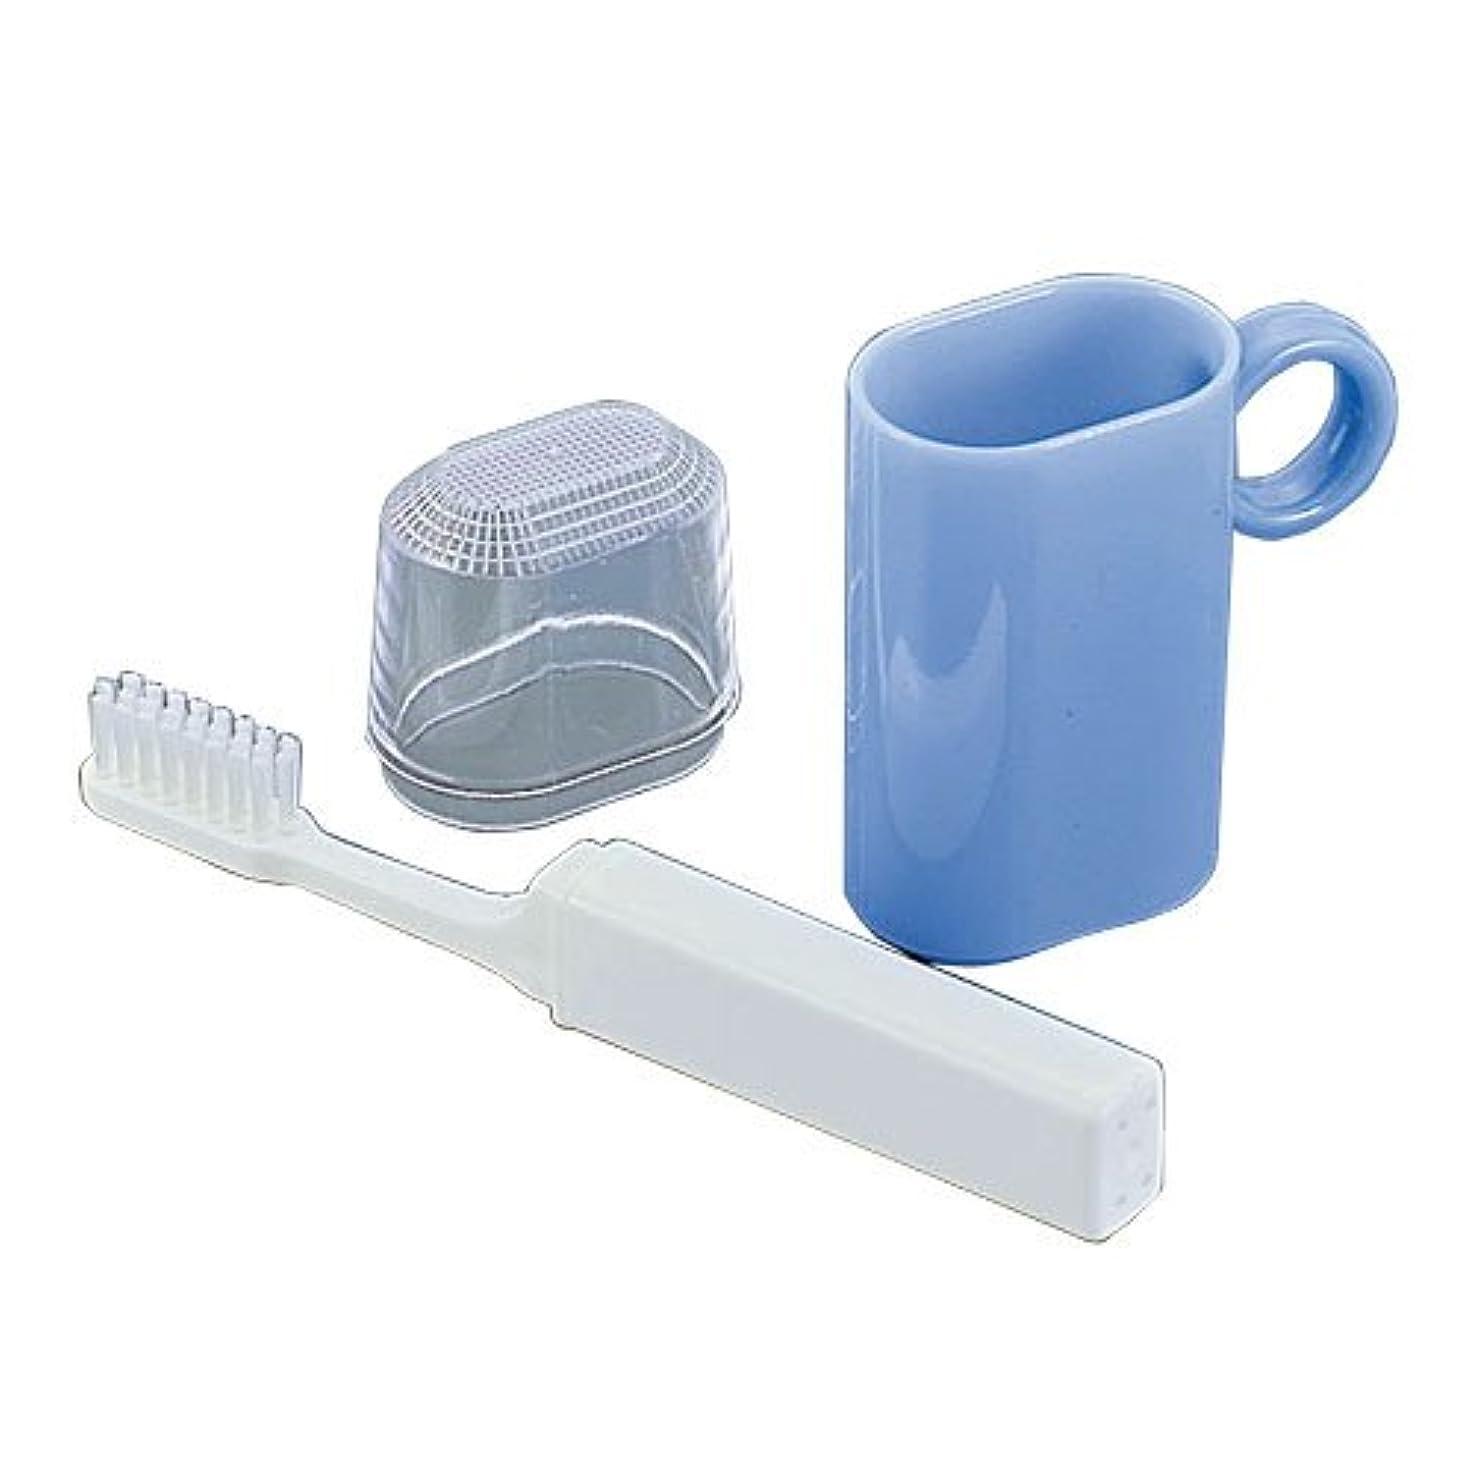 スポーツ再編成する根絶するコップ付歯ブラシセット ブルー